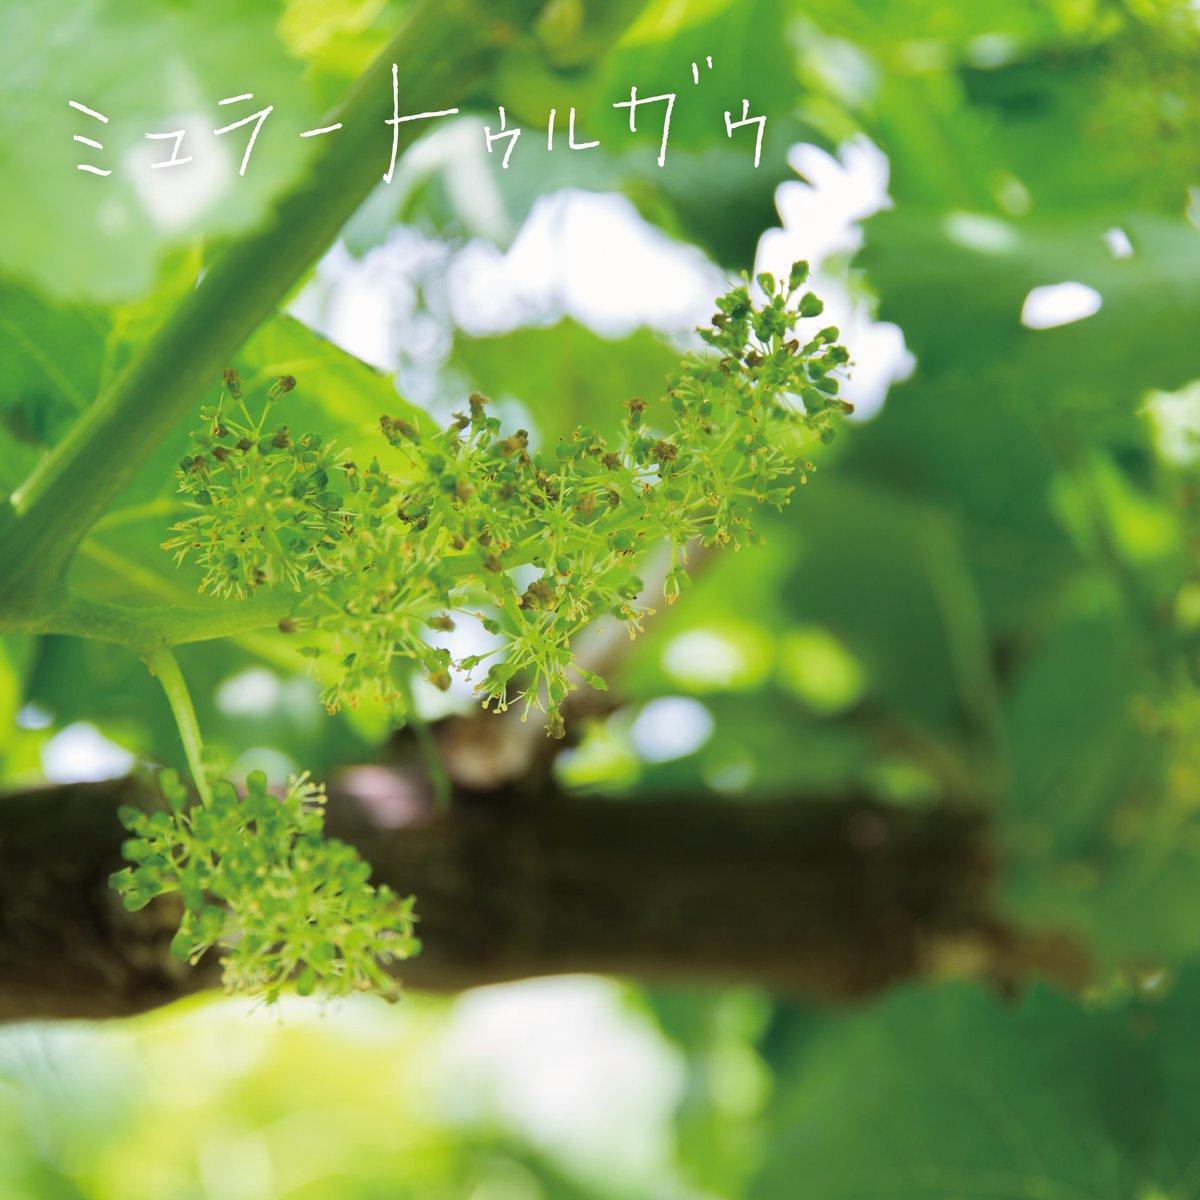 なんと!これが【ブドウの花】!!(・ω・ノ)ノ なかなか見れない【ブドウの花】✨こういう花もいいですね・・・☺️💕